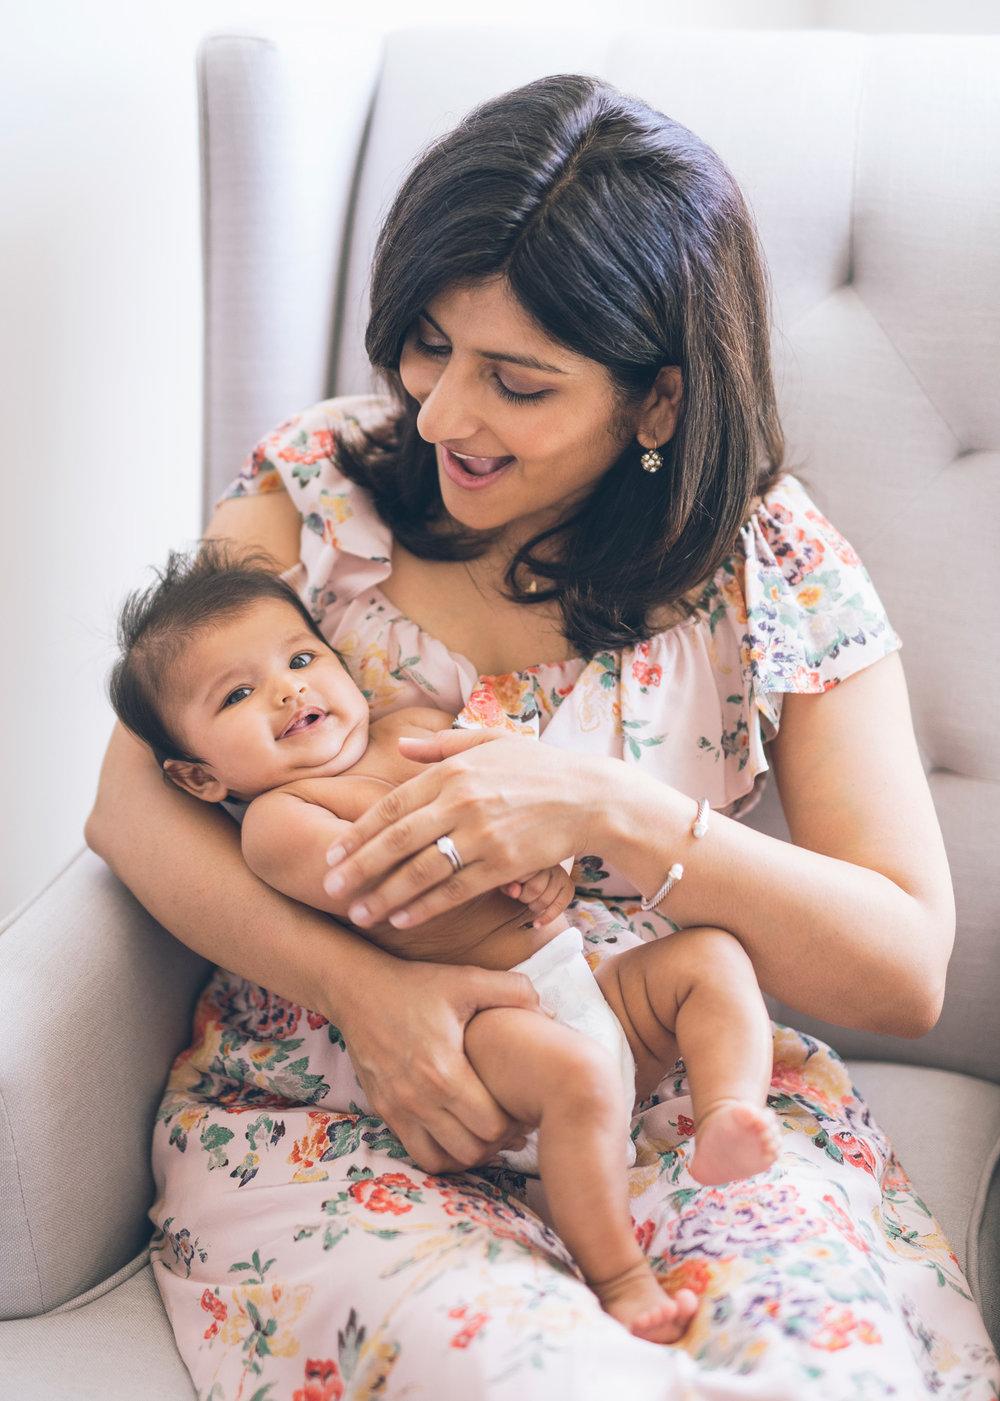 mother-holding-her-baby-girl.jpg